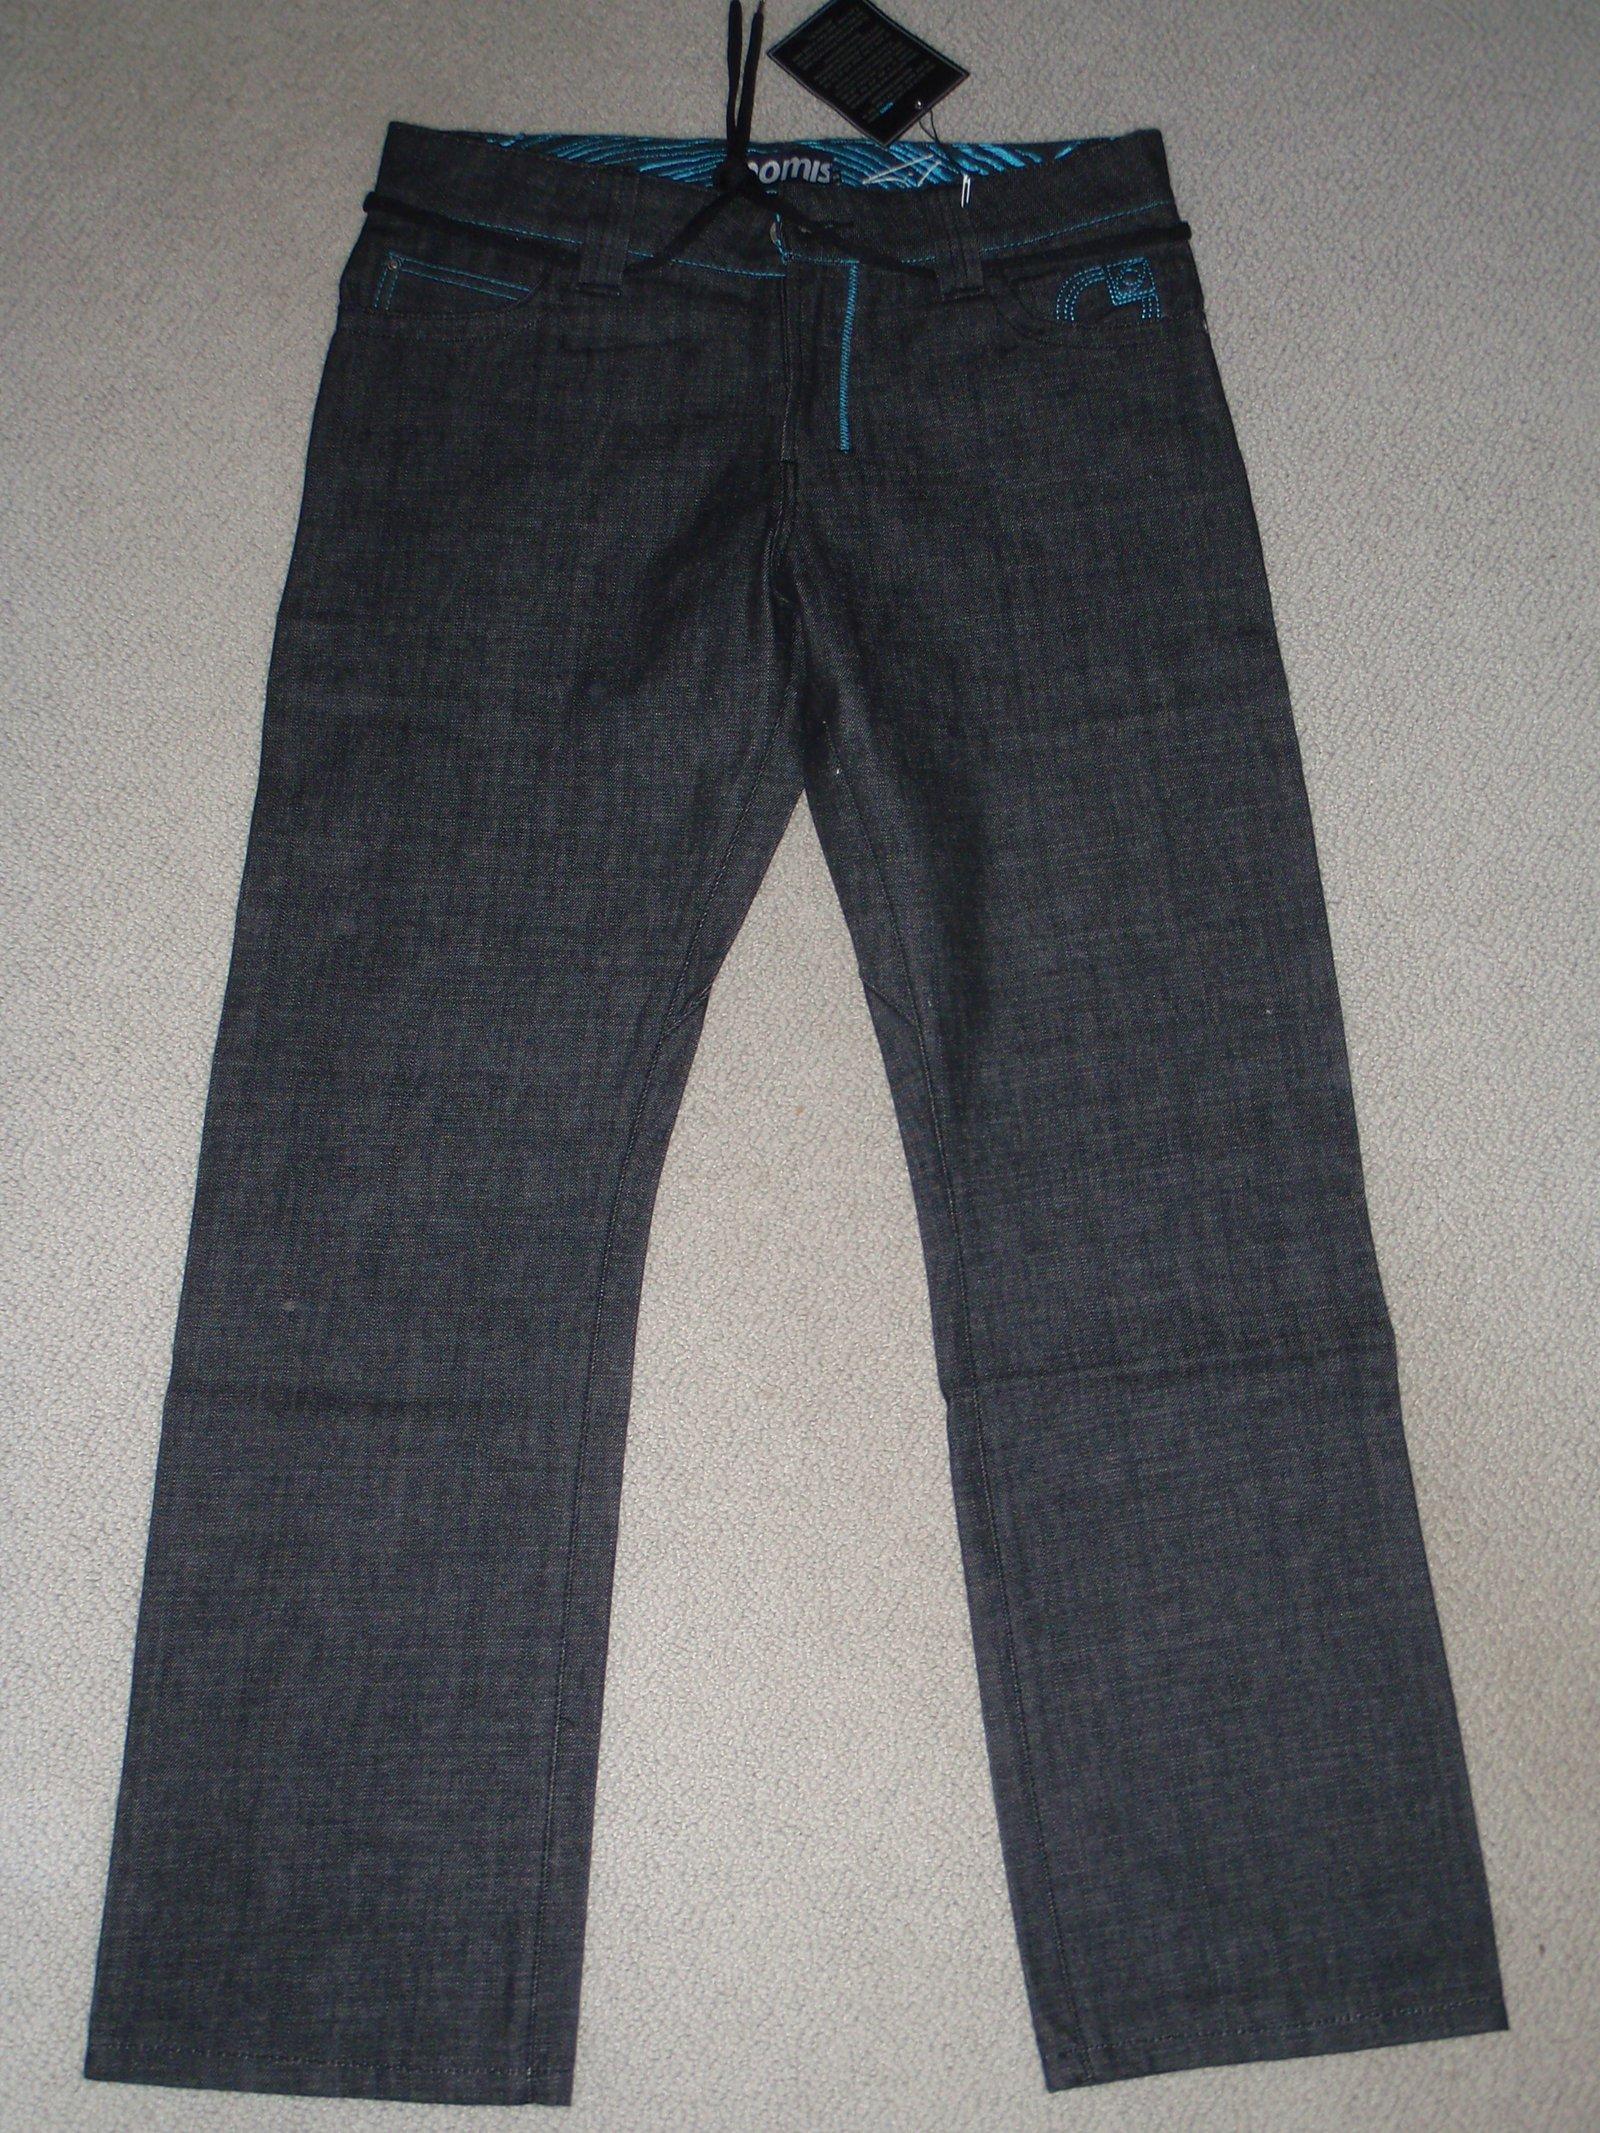 Nomis jeans 2